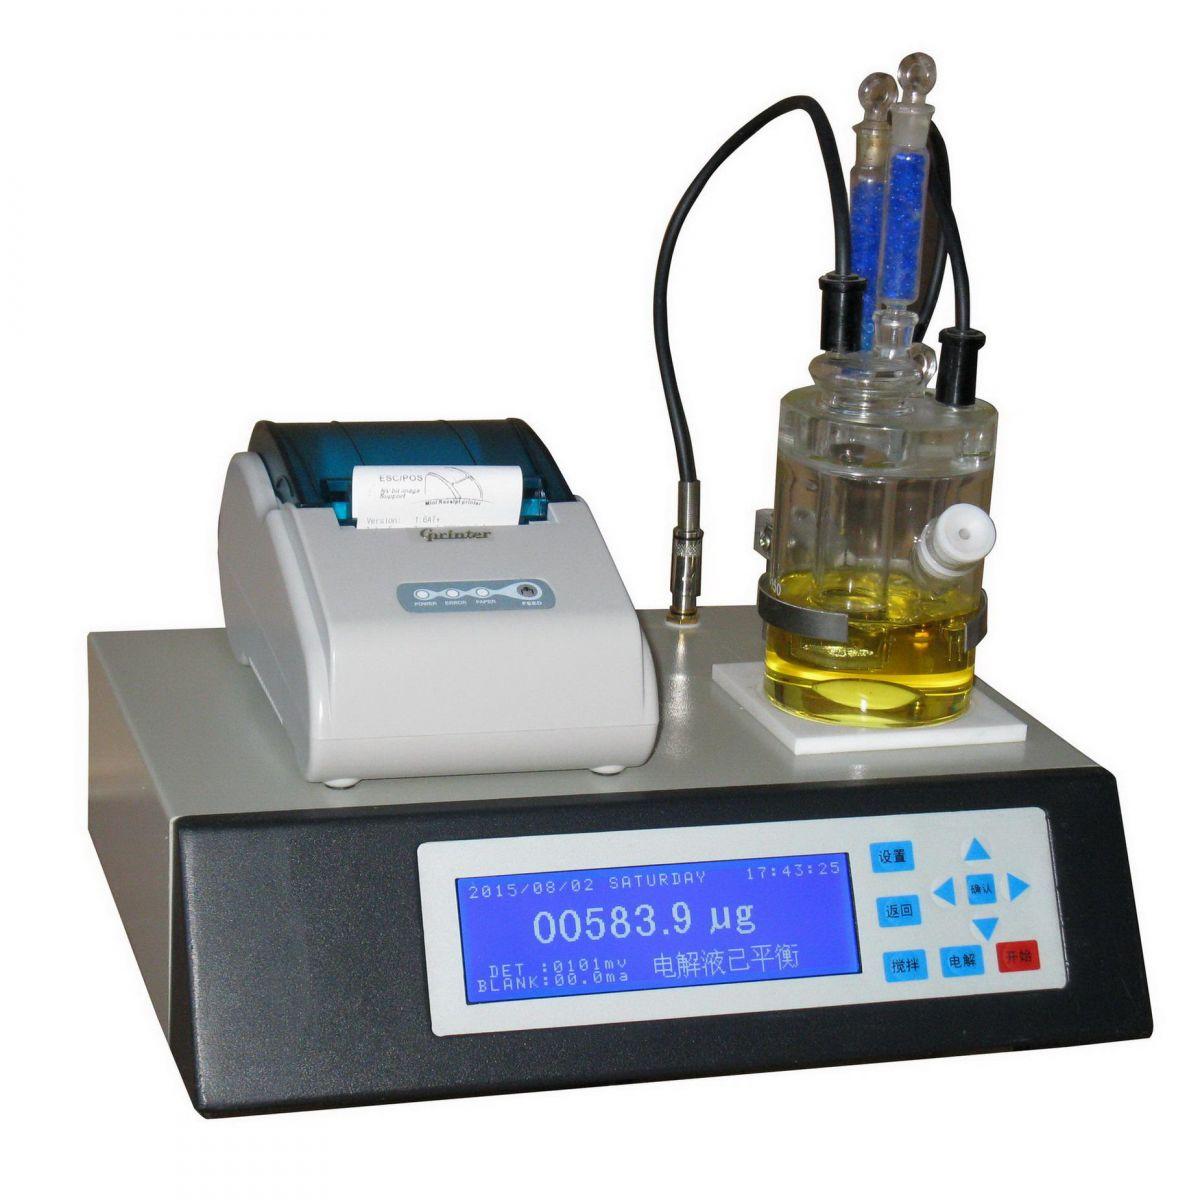 微量水分测定仪生产